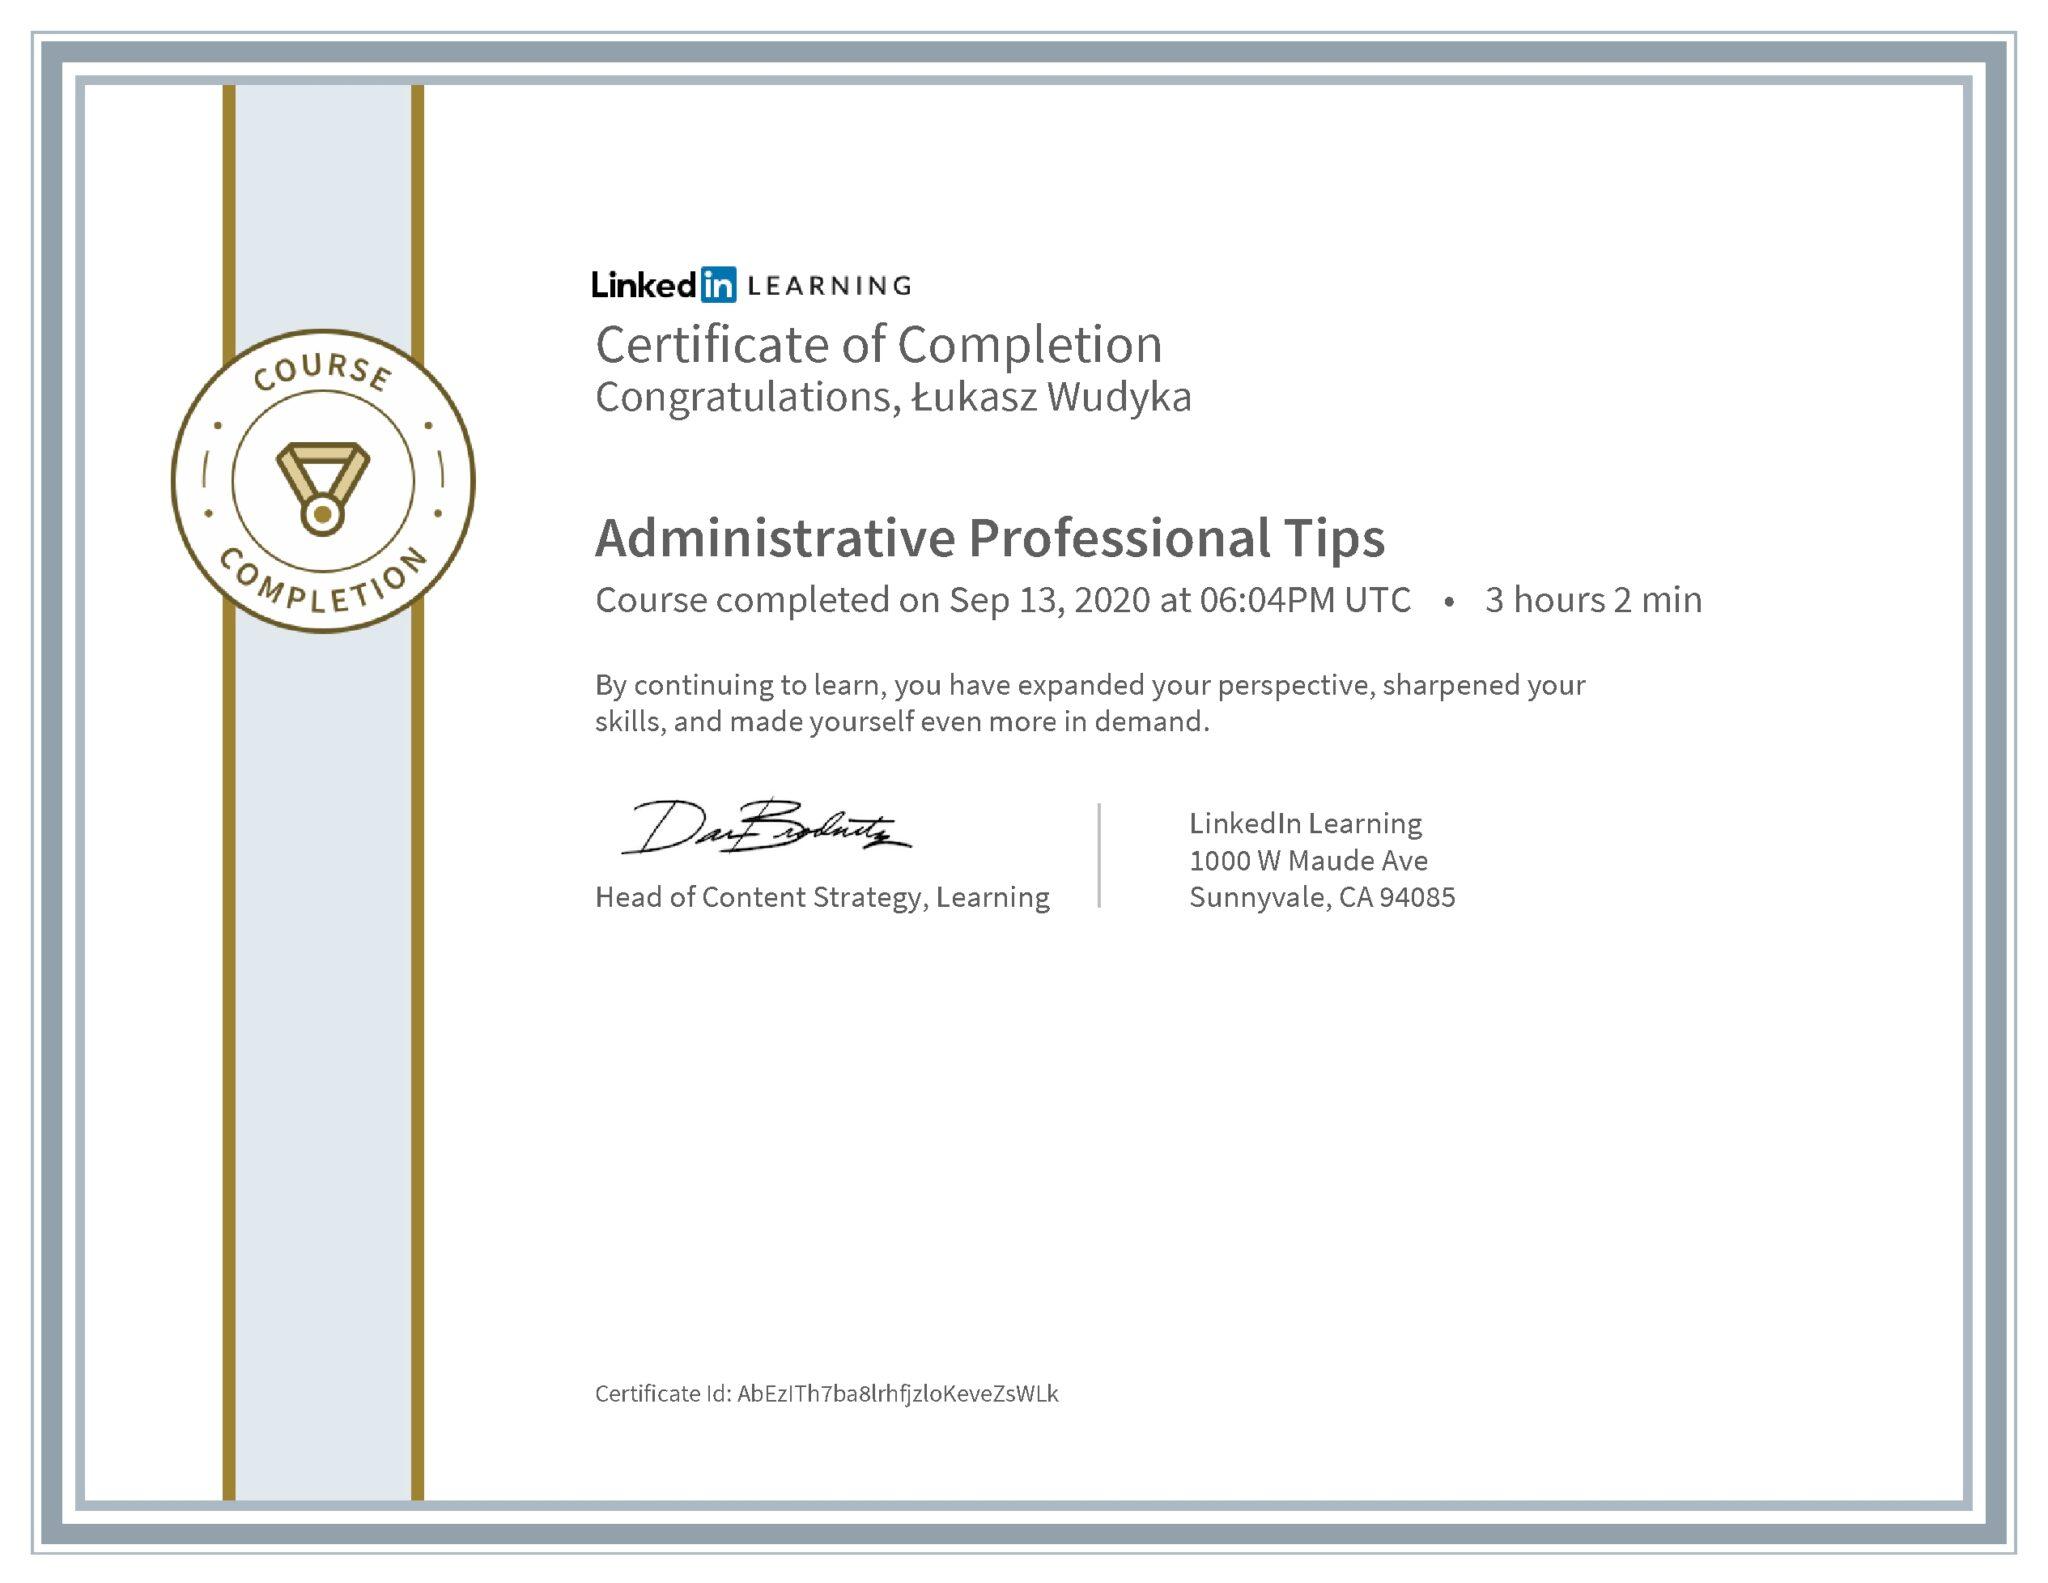 Łukasz Wudyka certyfikat LinkedIn Administrative Professional Tips